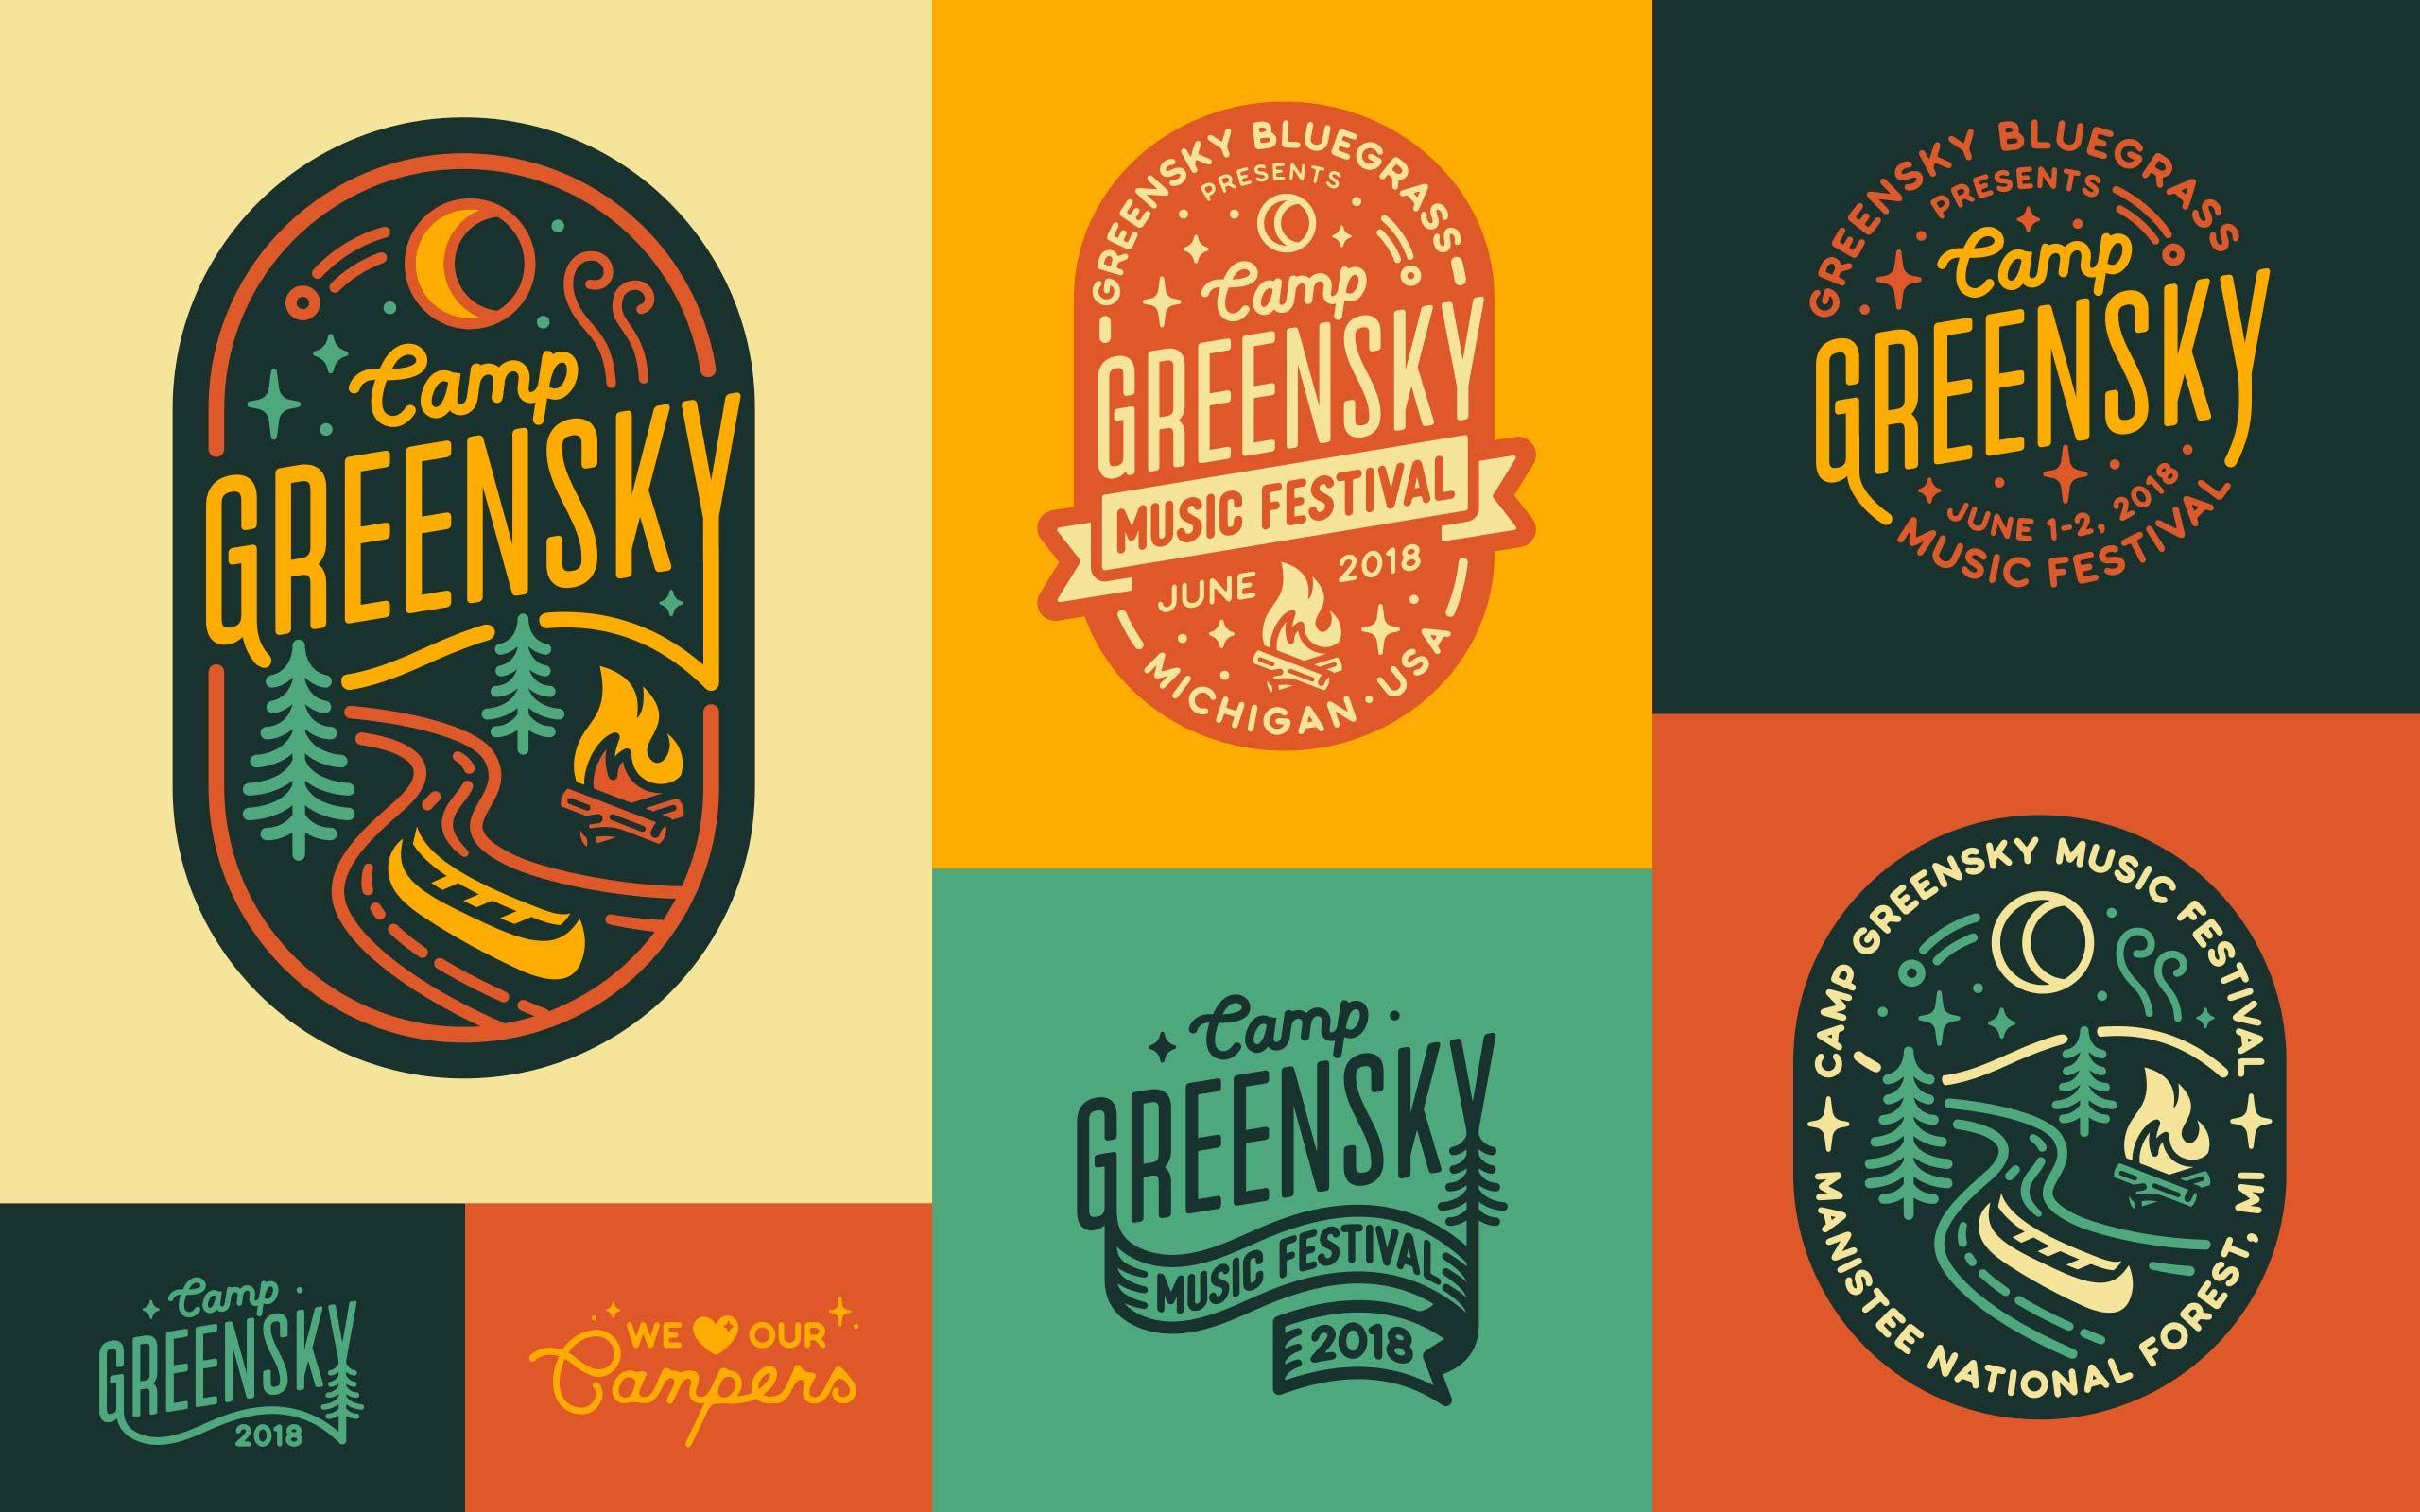 Camp Greensky.